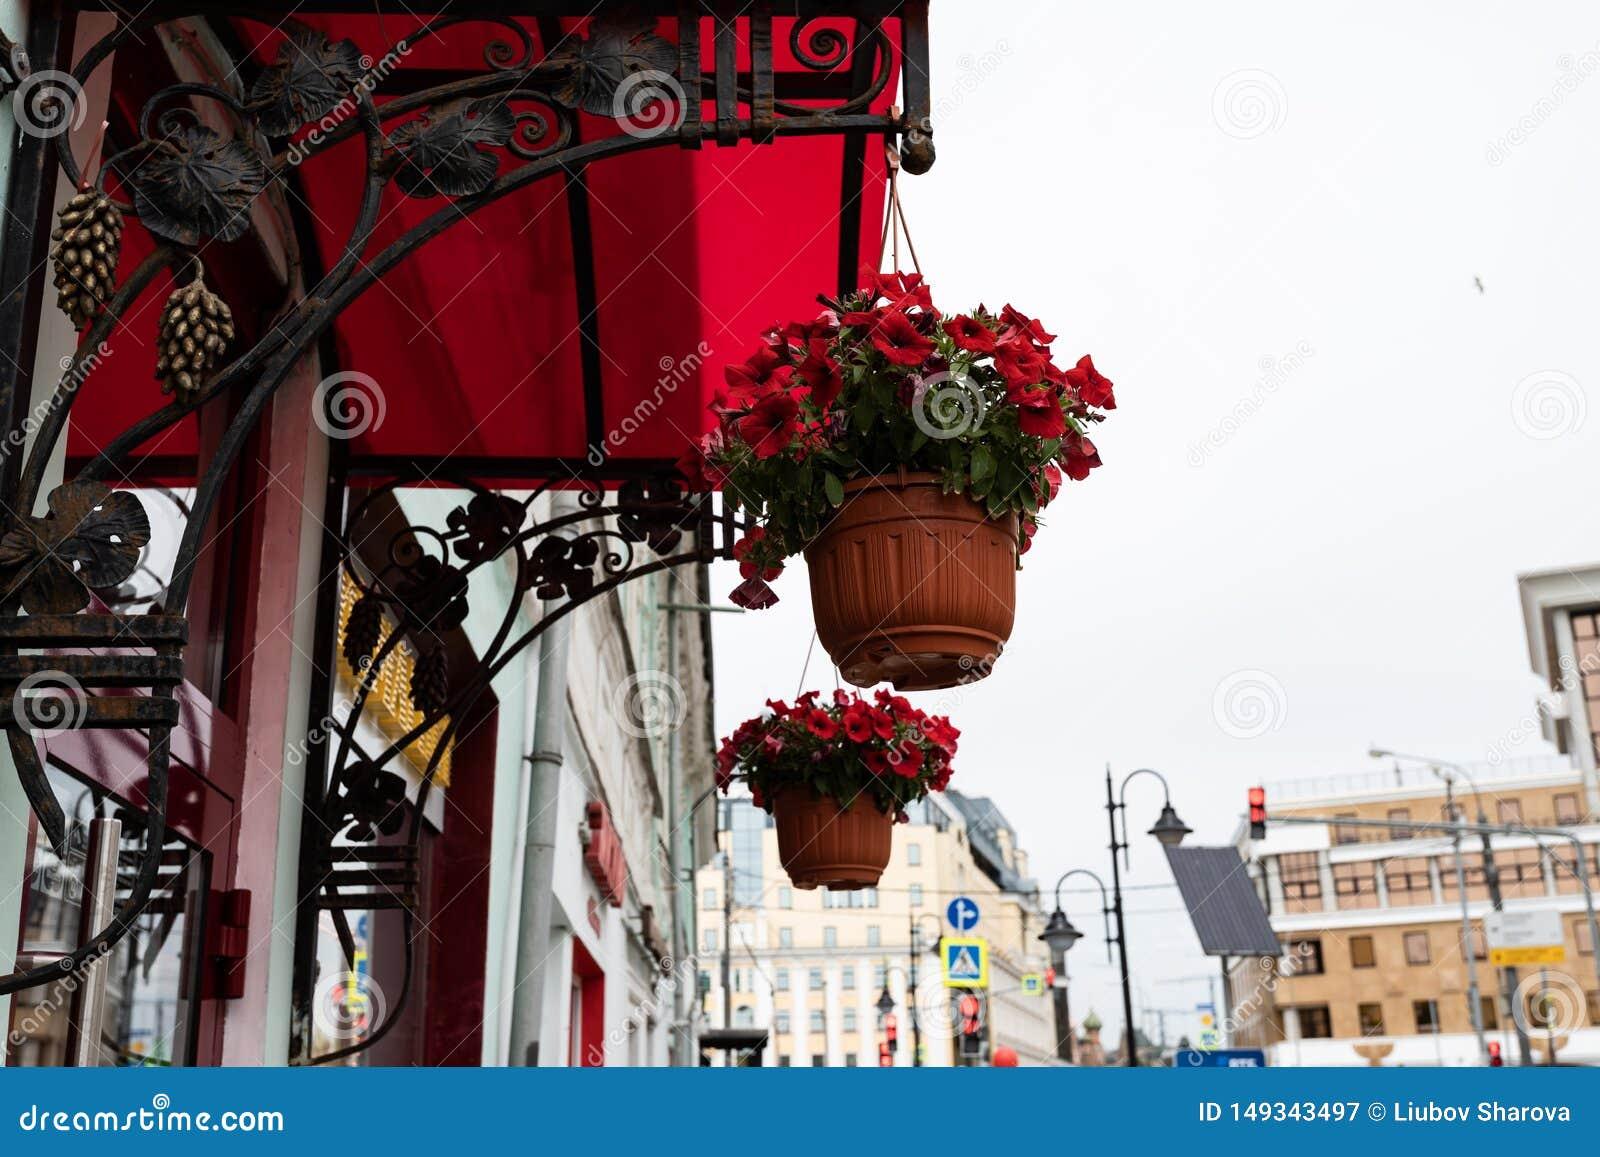 Elemento di paesaggio urbano Modello bronzeo in ferro battuto del baldacchino sopra la porta, il tetto rosso luminoso ed i fiori